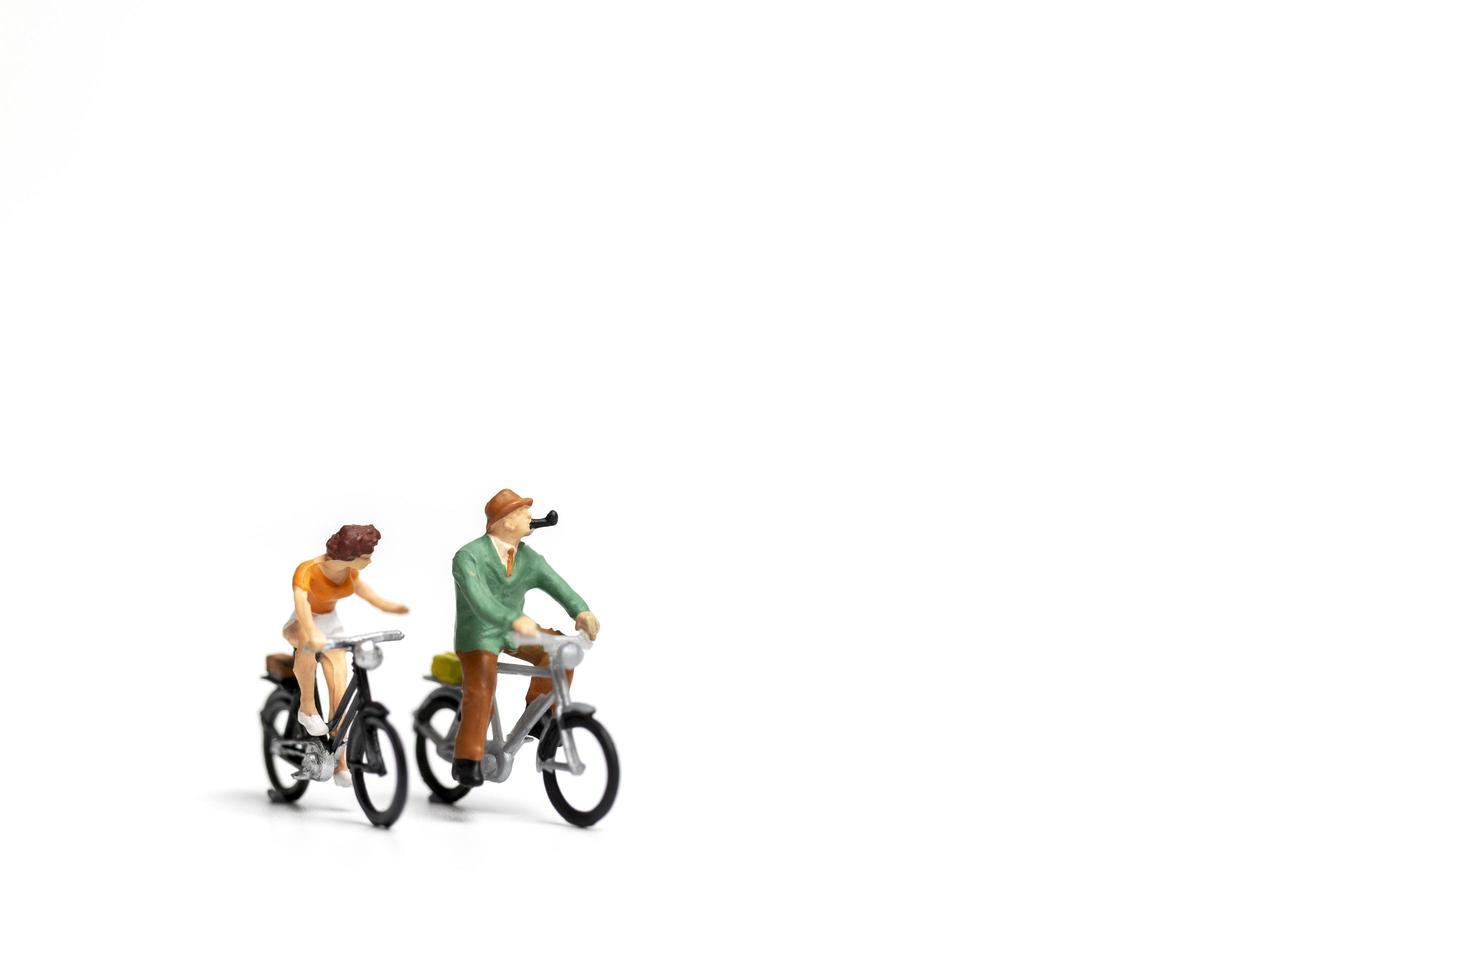 casal em miniatura andando de bicicleta em um fundo branco, conceito do dia dos namorados foto